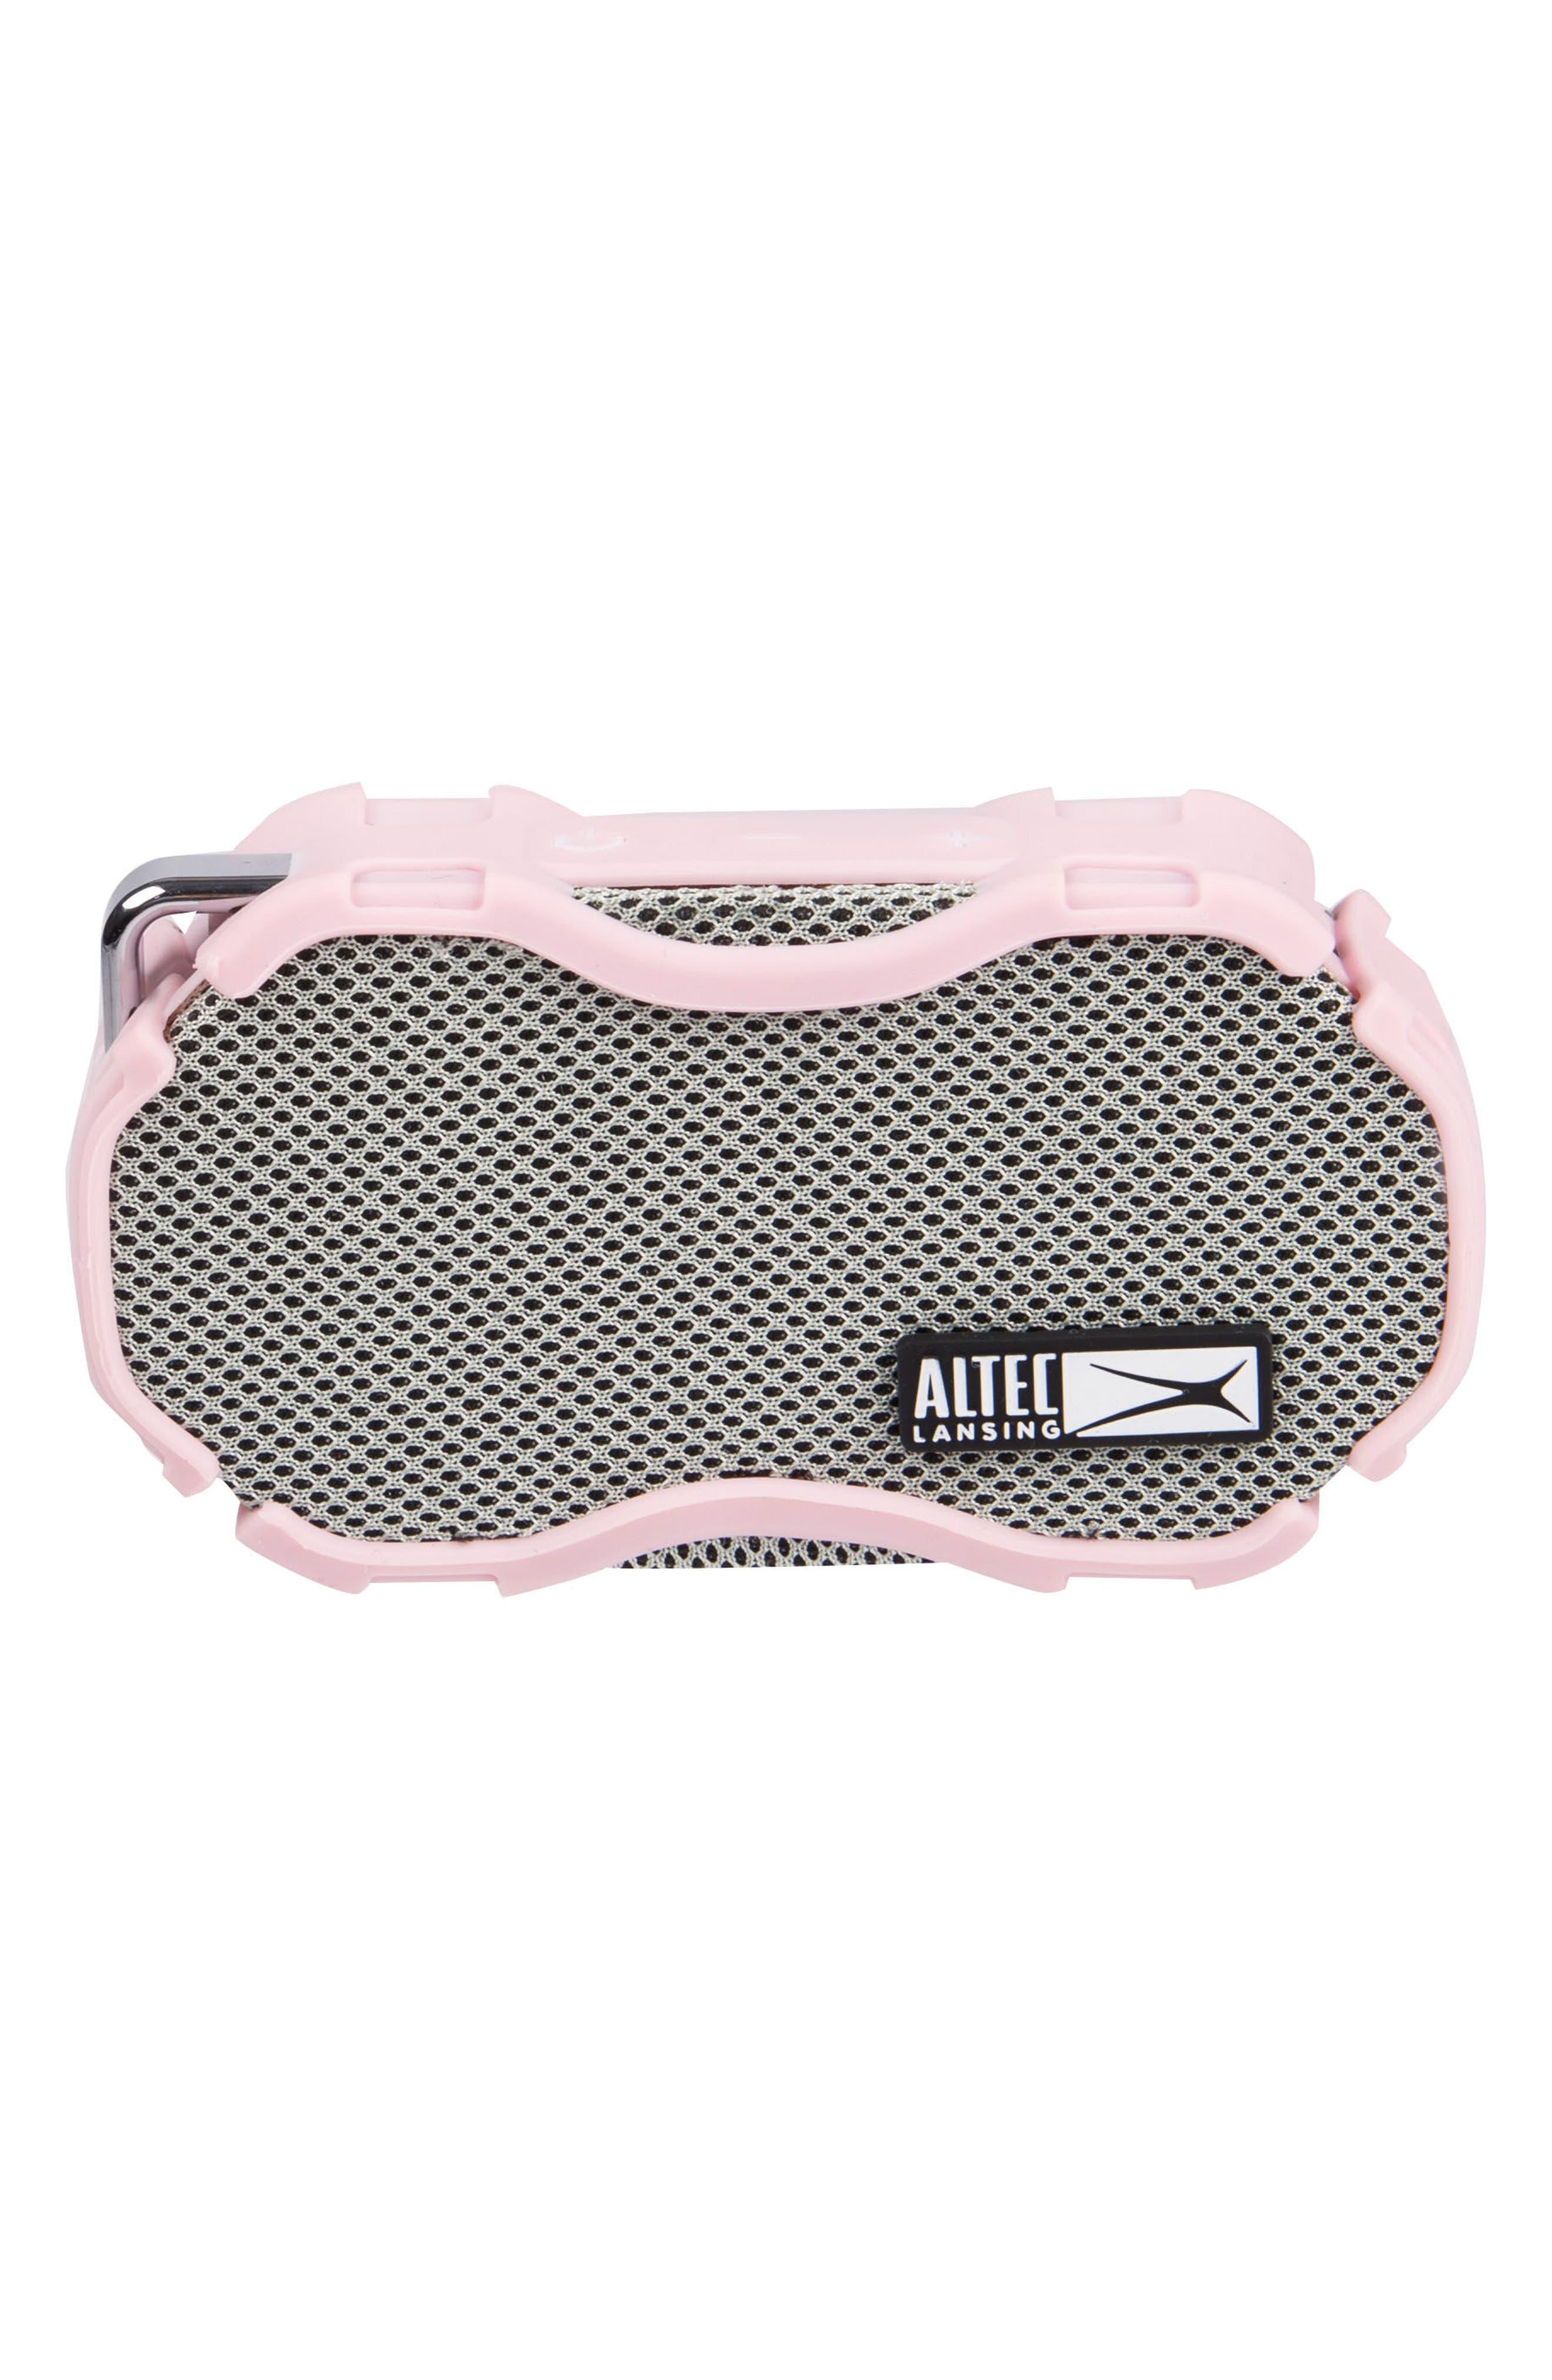 Alternate Image 1 Selected - Altec Lansing Baby Boom Waterproof Wireless Speaker